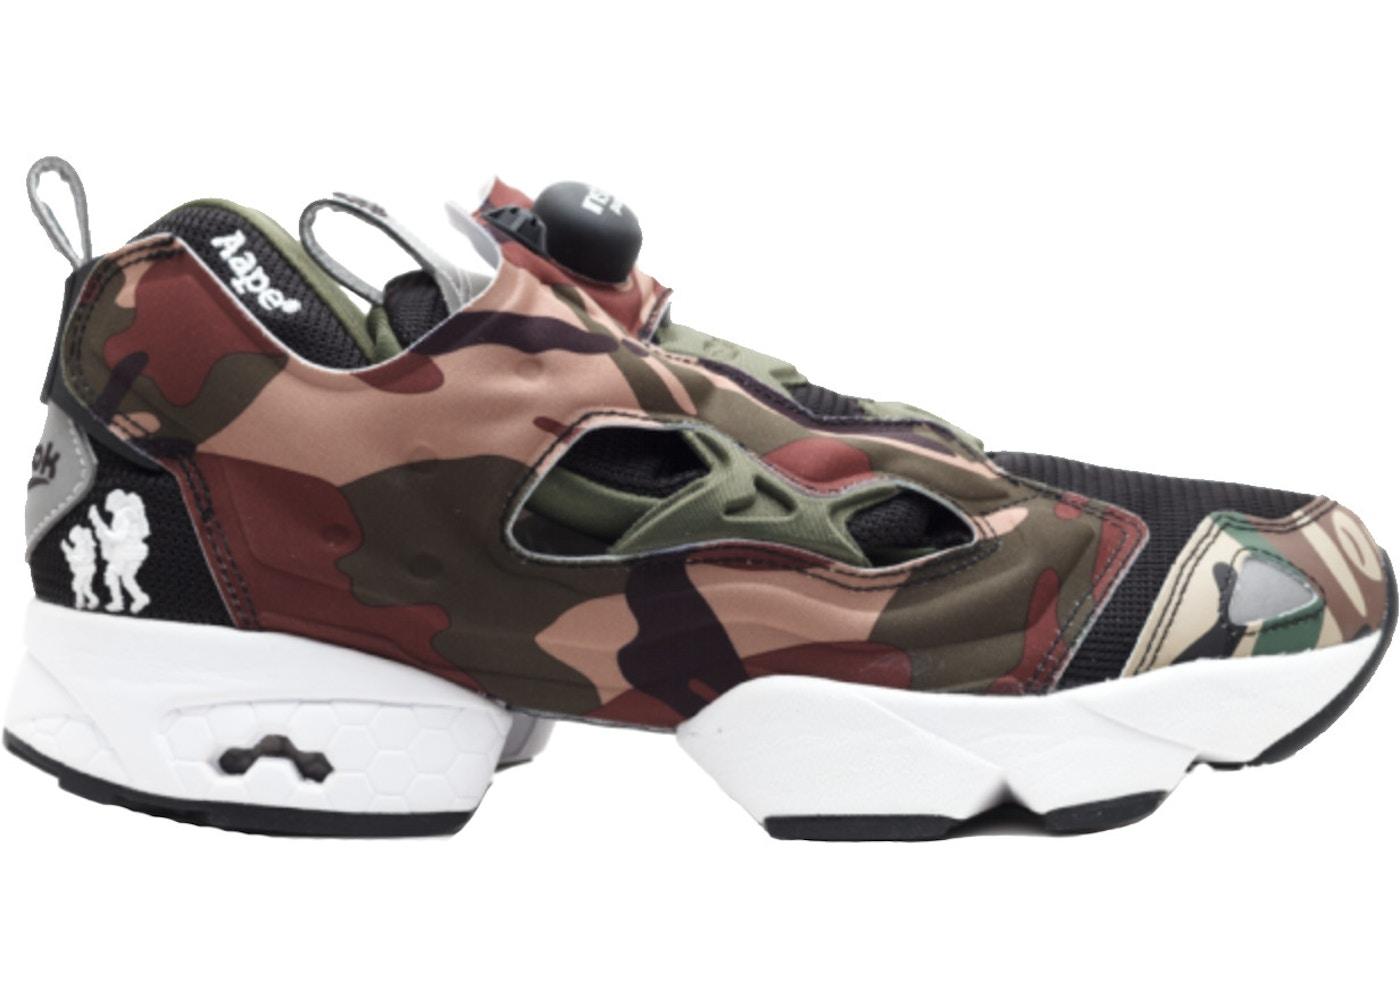 b575154e9b Footwear - Buy Deadstock Sneakers